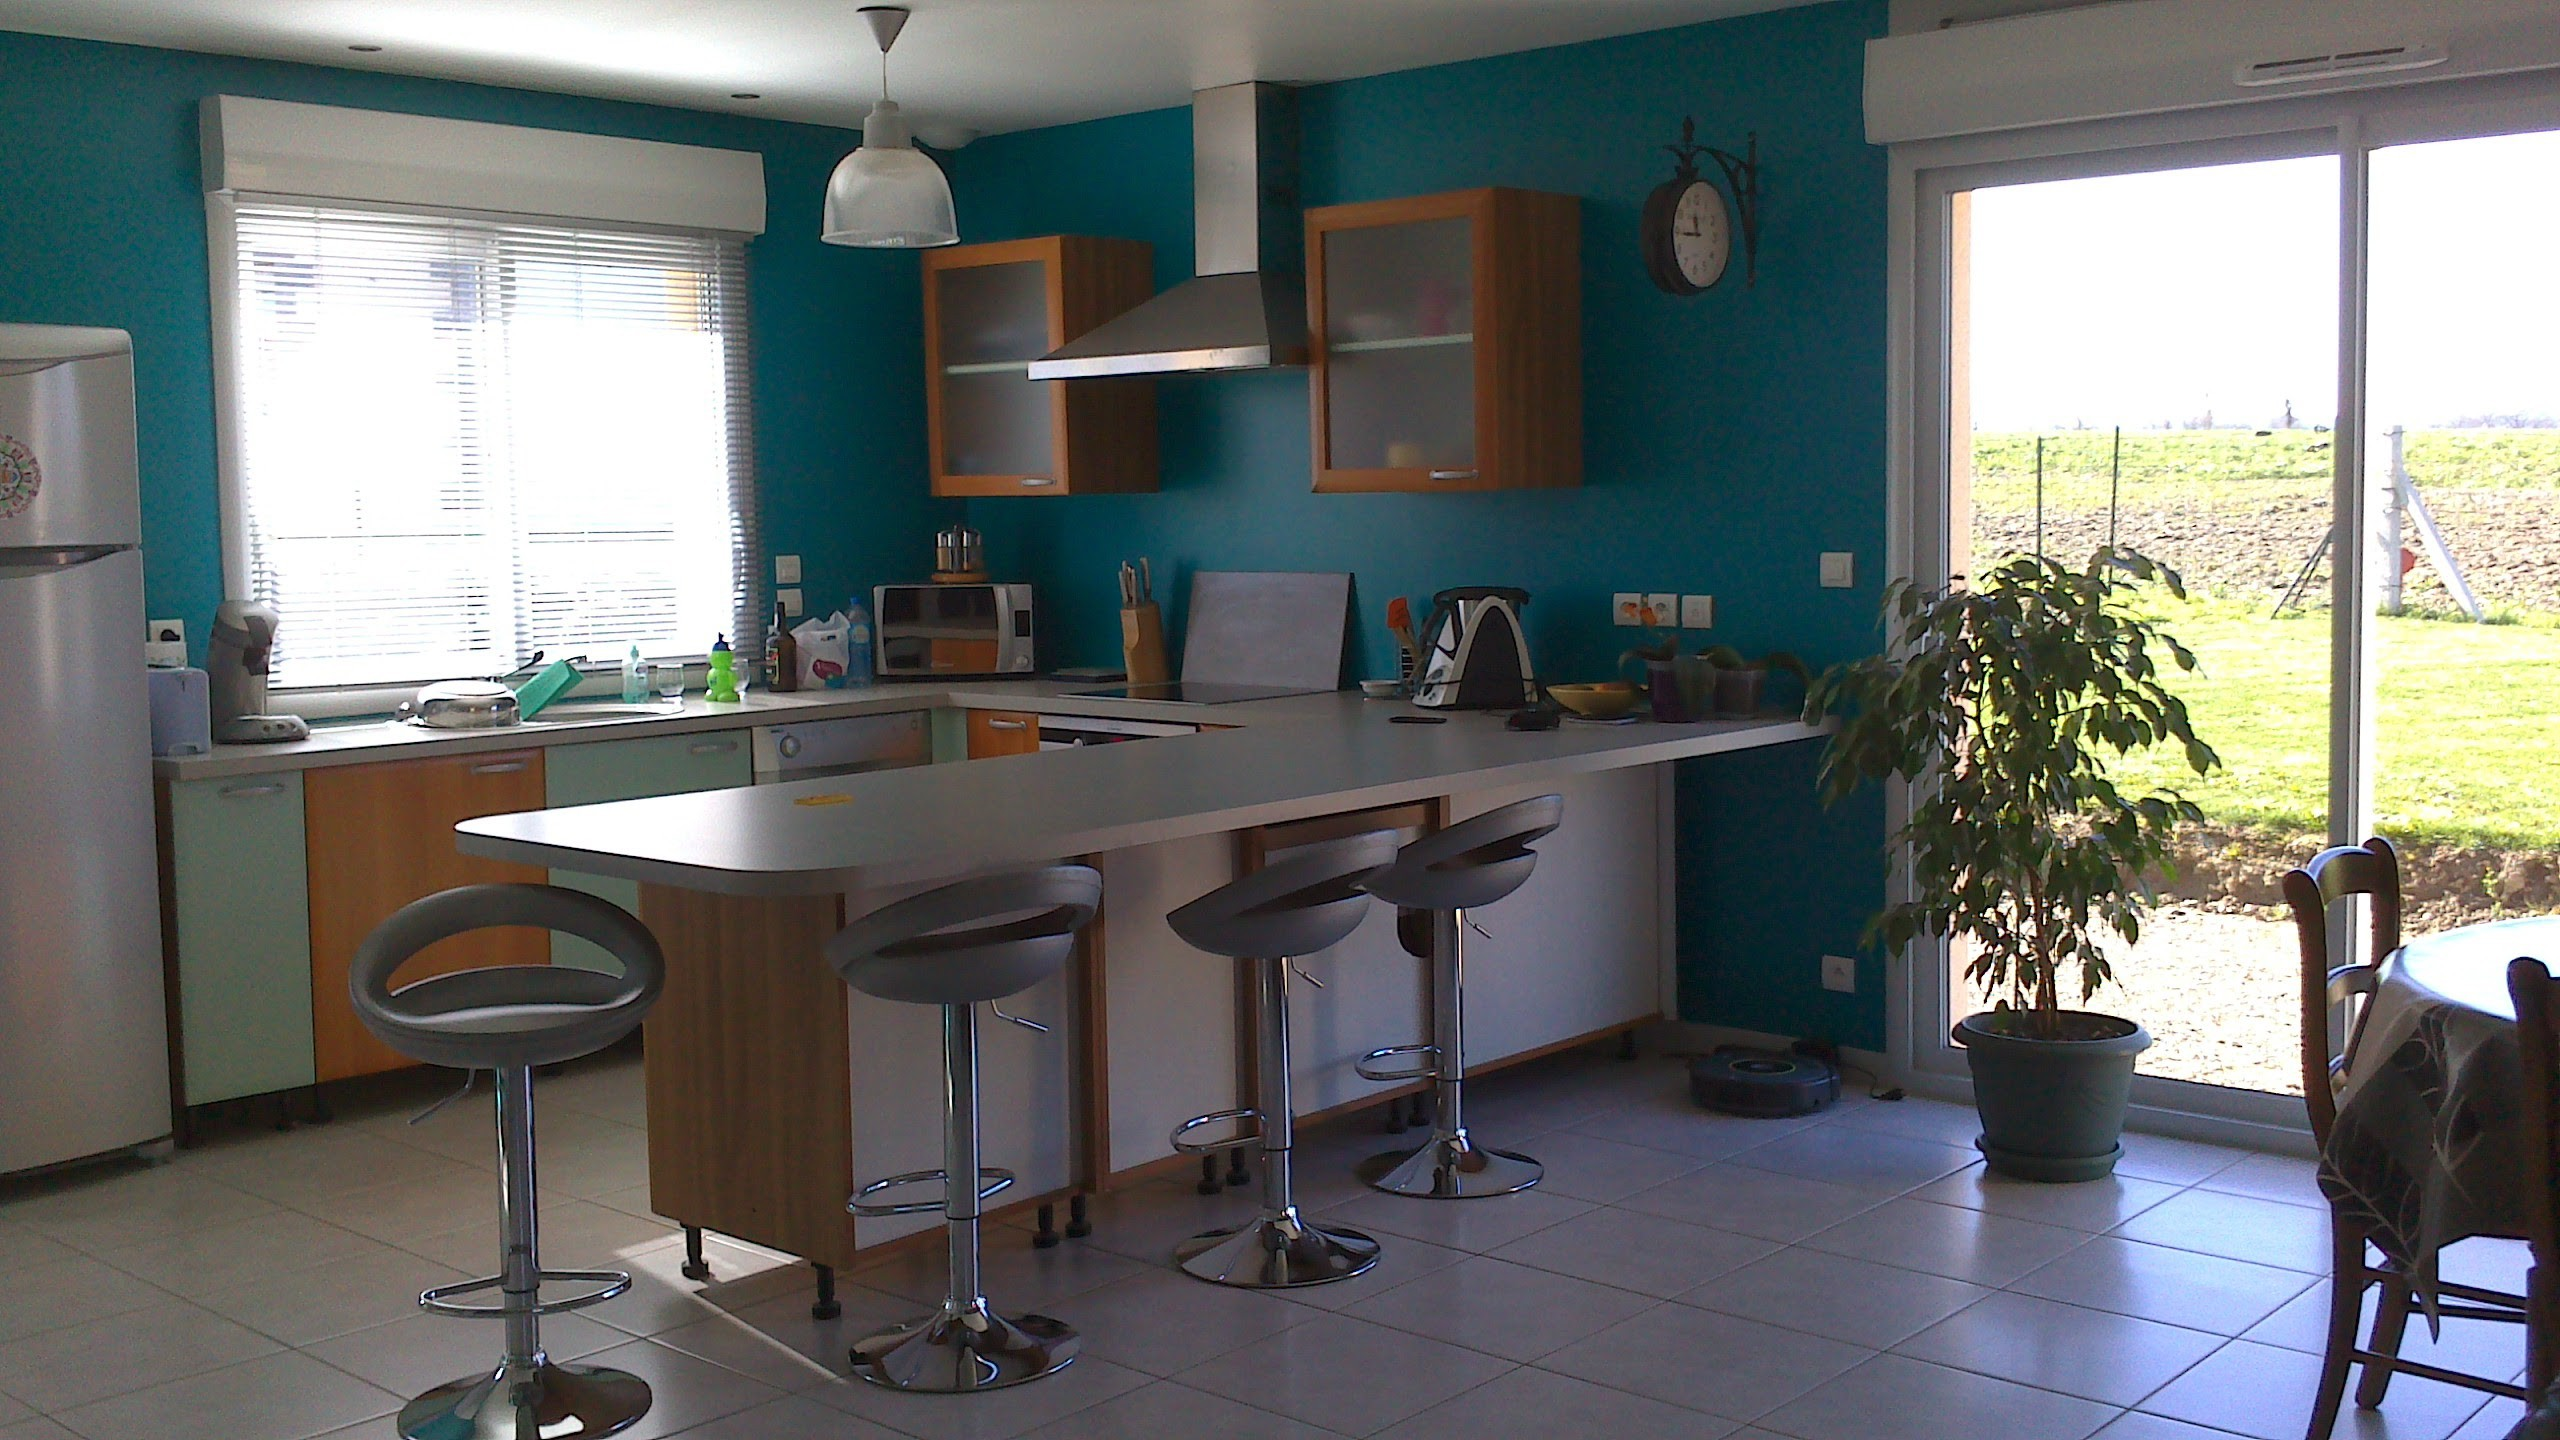 Habillage De Meuble De Cuisine habillage meuble de cuisine - décoration - forum vie pratique